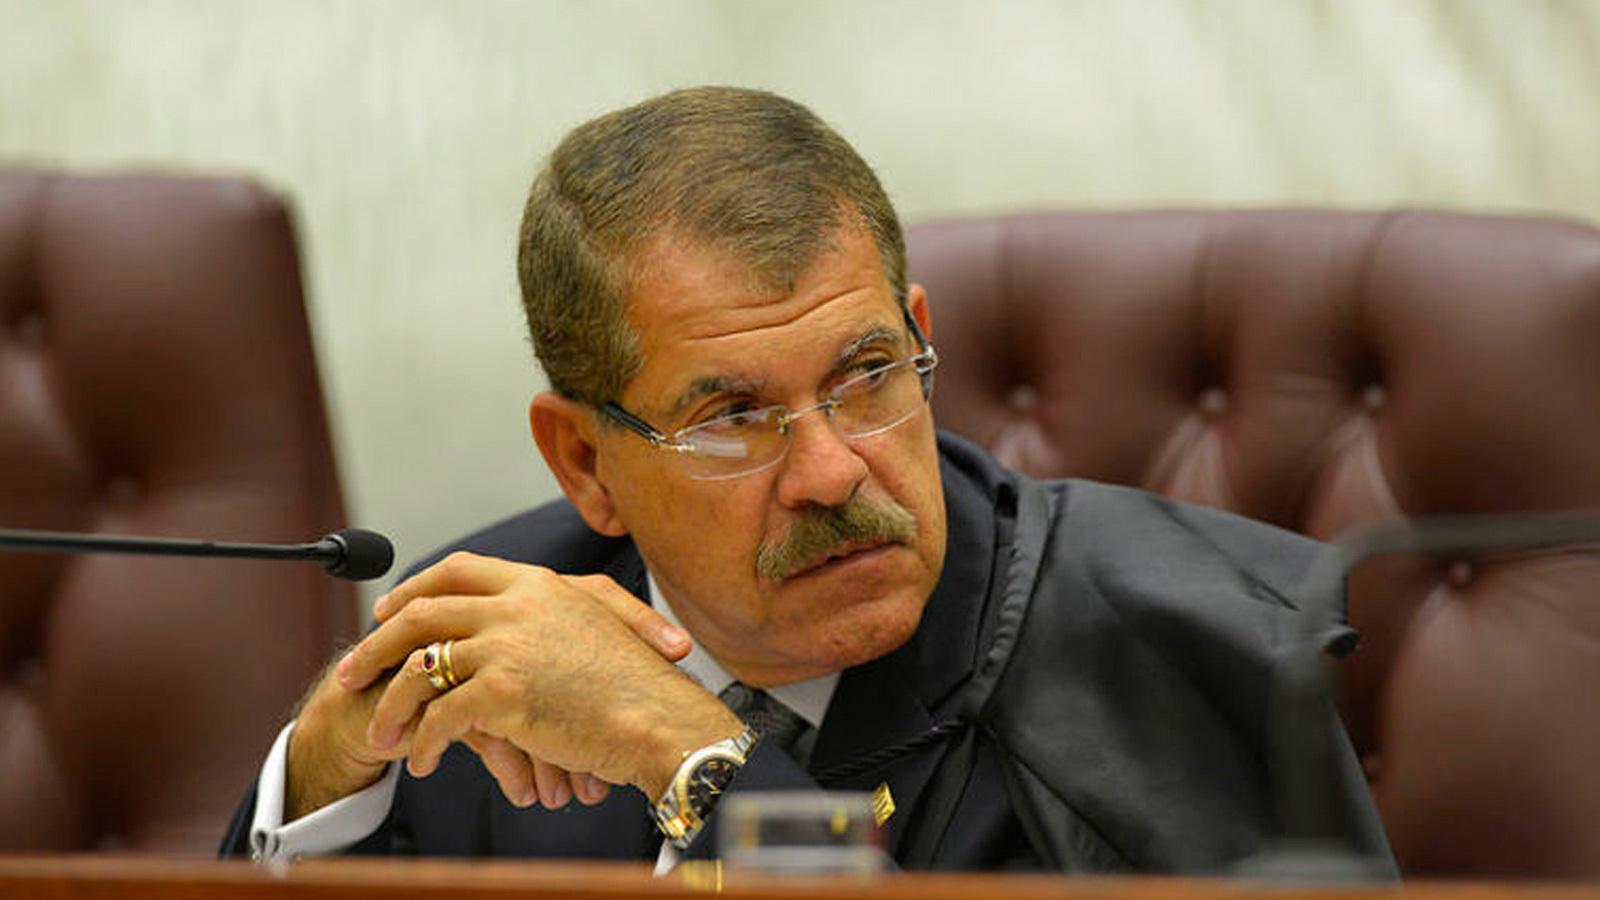 O presidente do STJ, ministro Humberto Martins, pediu que os servidores da Corte não liguem seus computadores pessoais e evitem emails (Fonte: STJ/Reprodução)